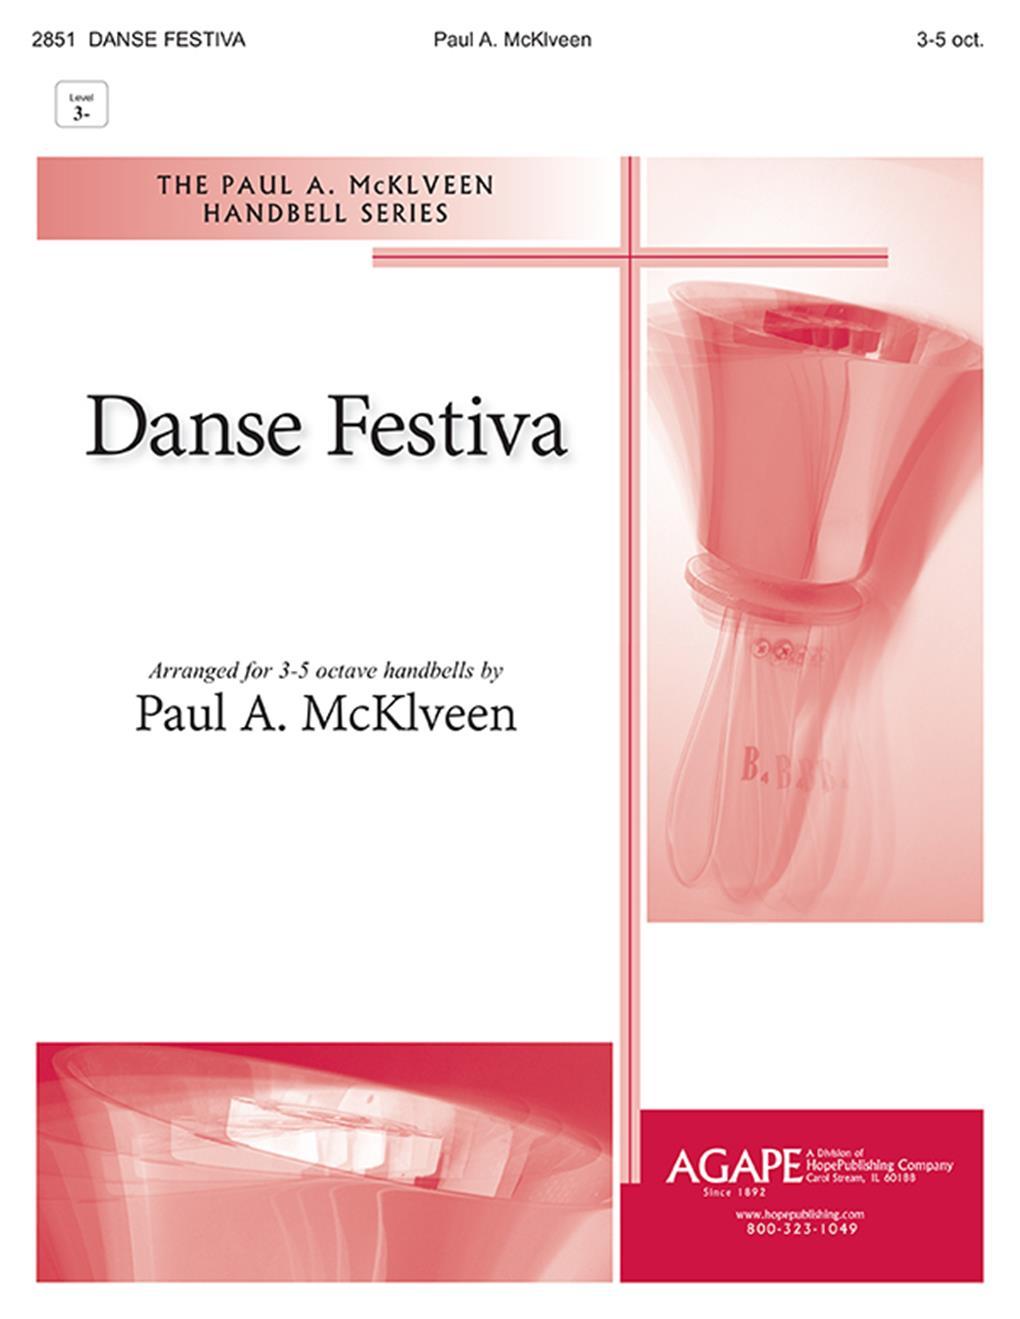 Danse Festiva - 3-5 oct. Cover Image